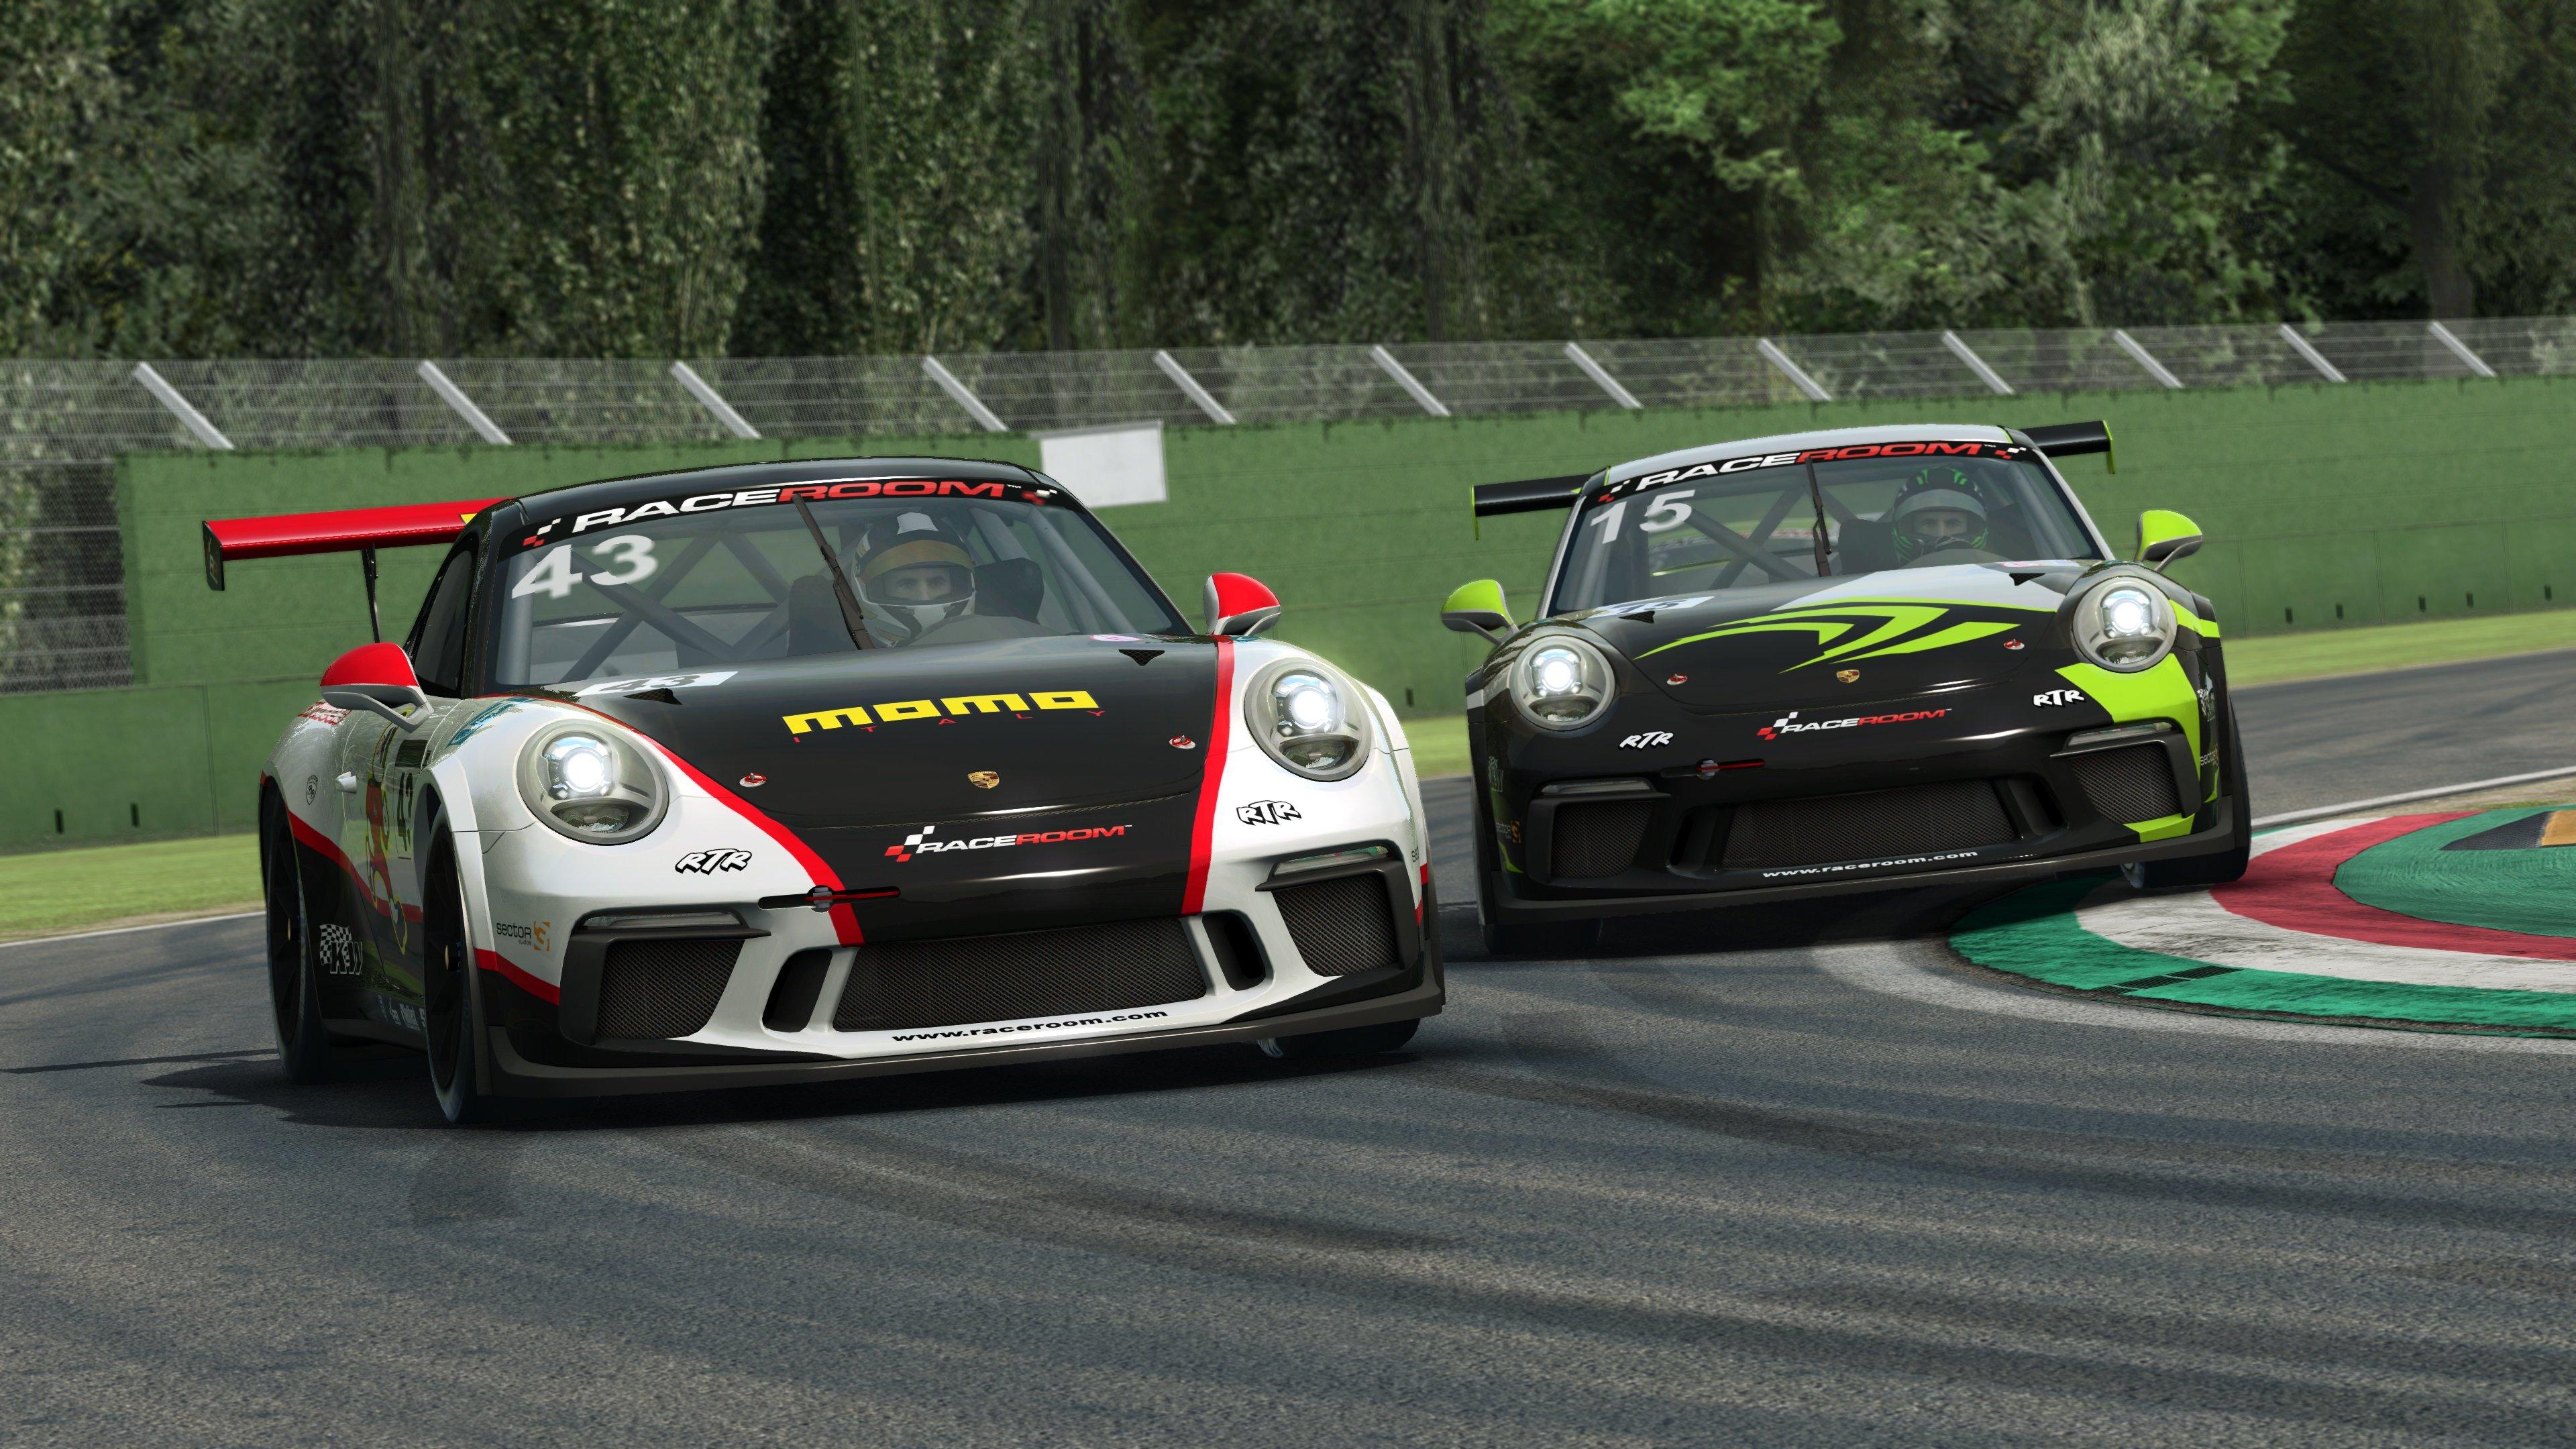 RaceRoom 991.2 Porsche 911 GT3 Cup 5